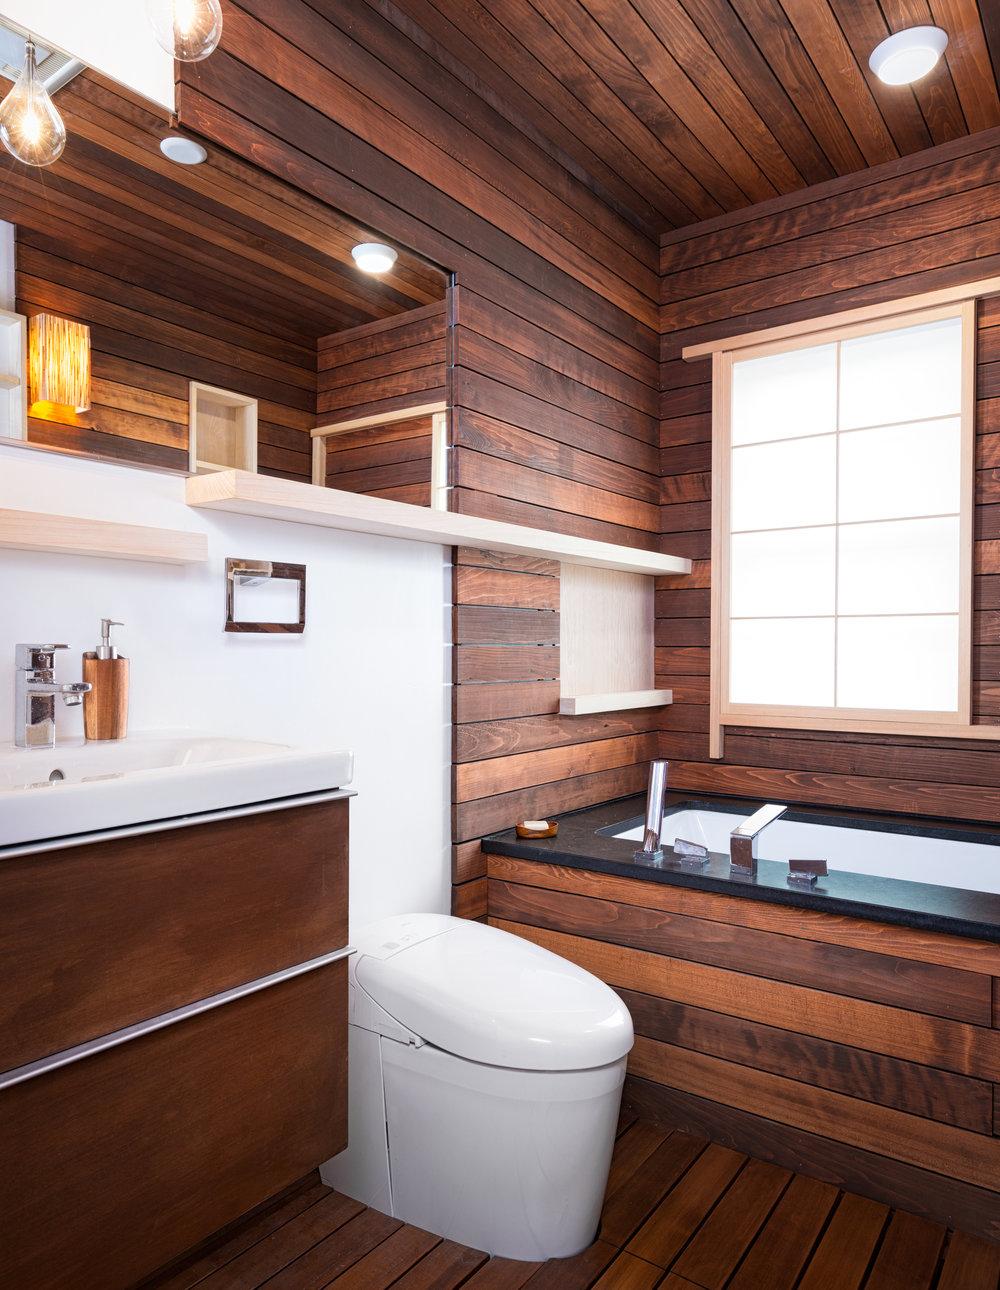 Sakura_bathroomremodel (2 of 9).jpg